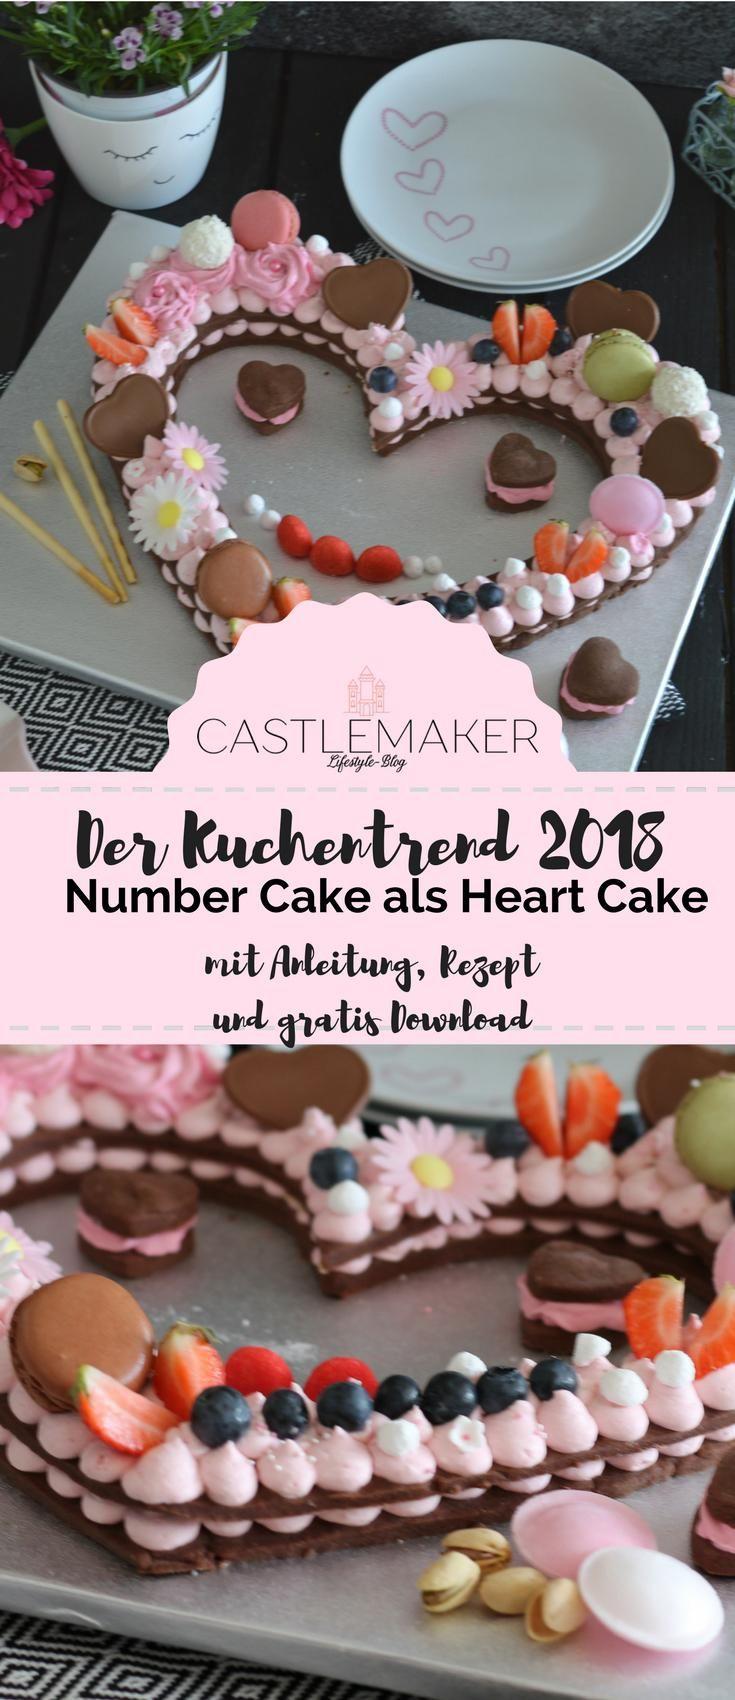 Number Cake als Heart Cake mit Mürbeteig - Kuchentrend 2018 / Muttertag « CASTLEMAKER Lifestyle-Blog #lettercakegeburtstag